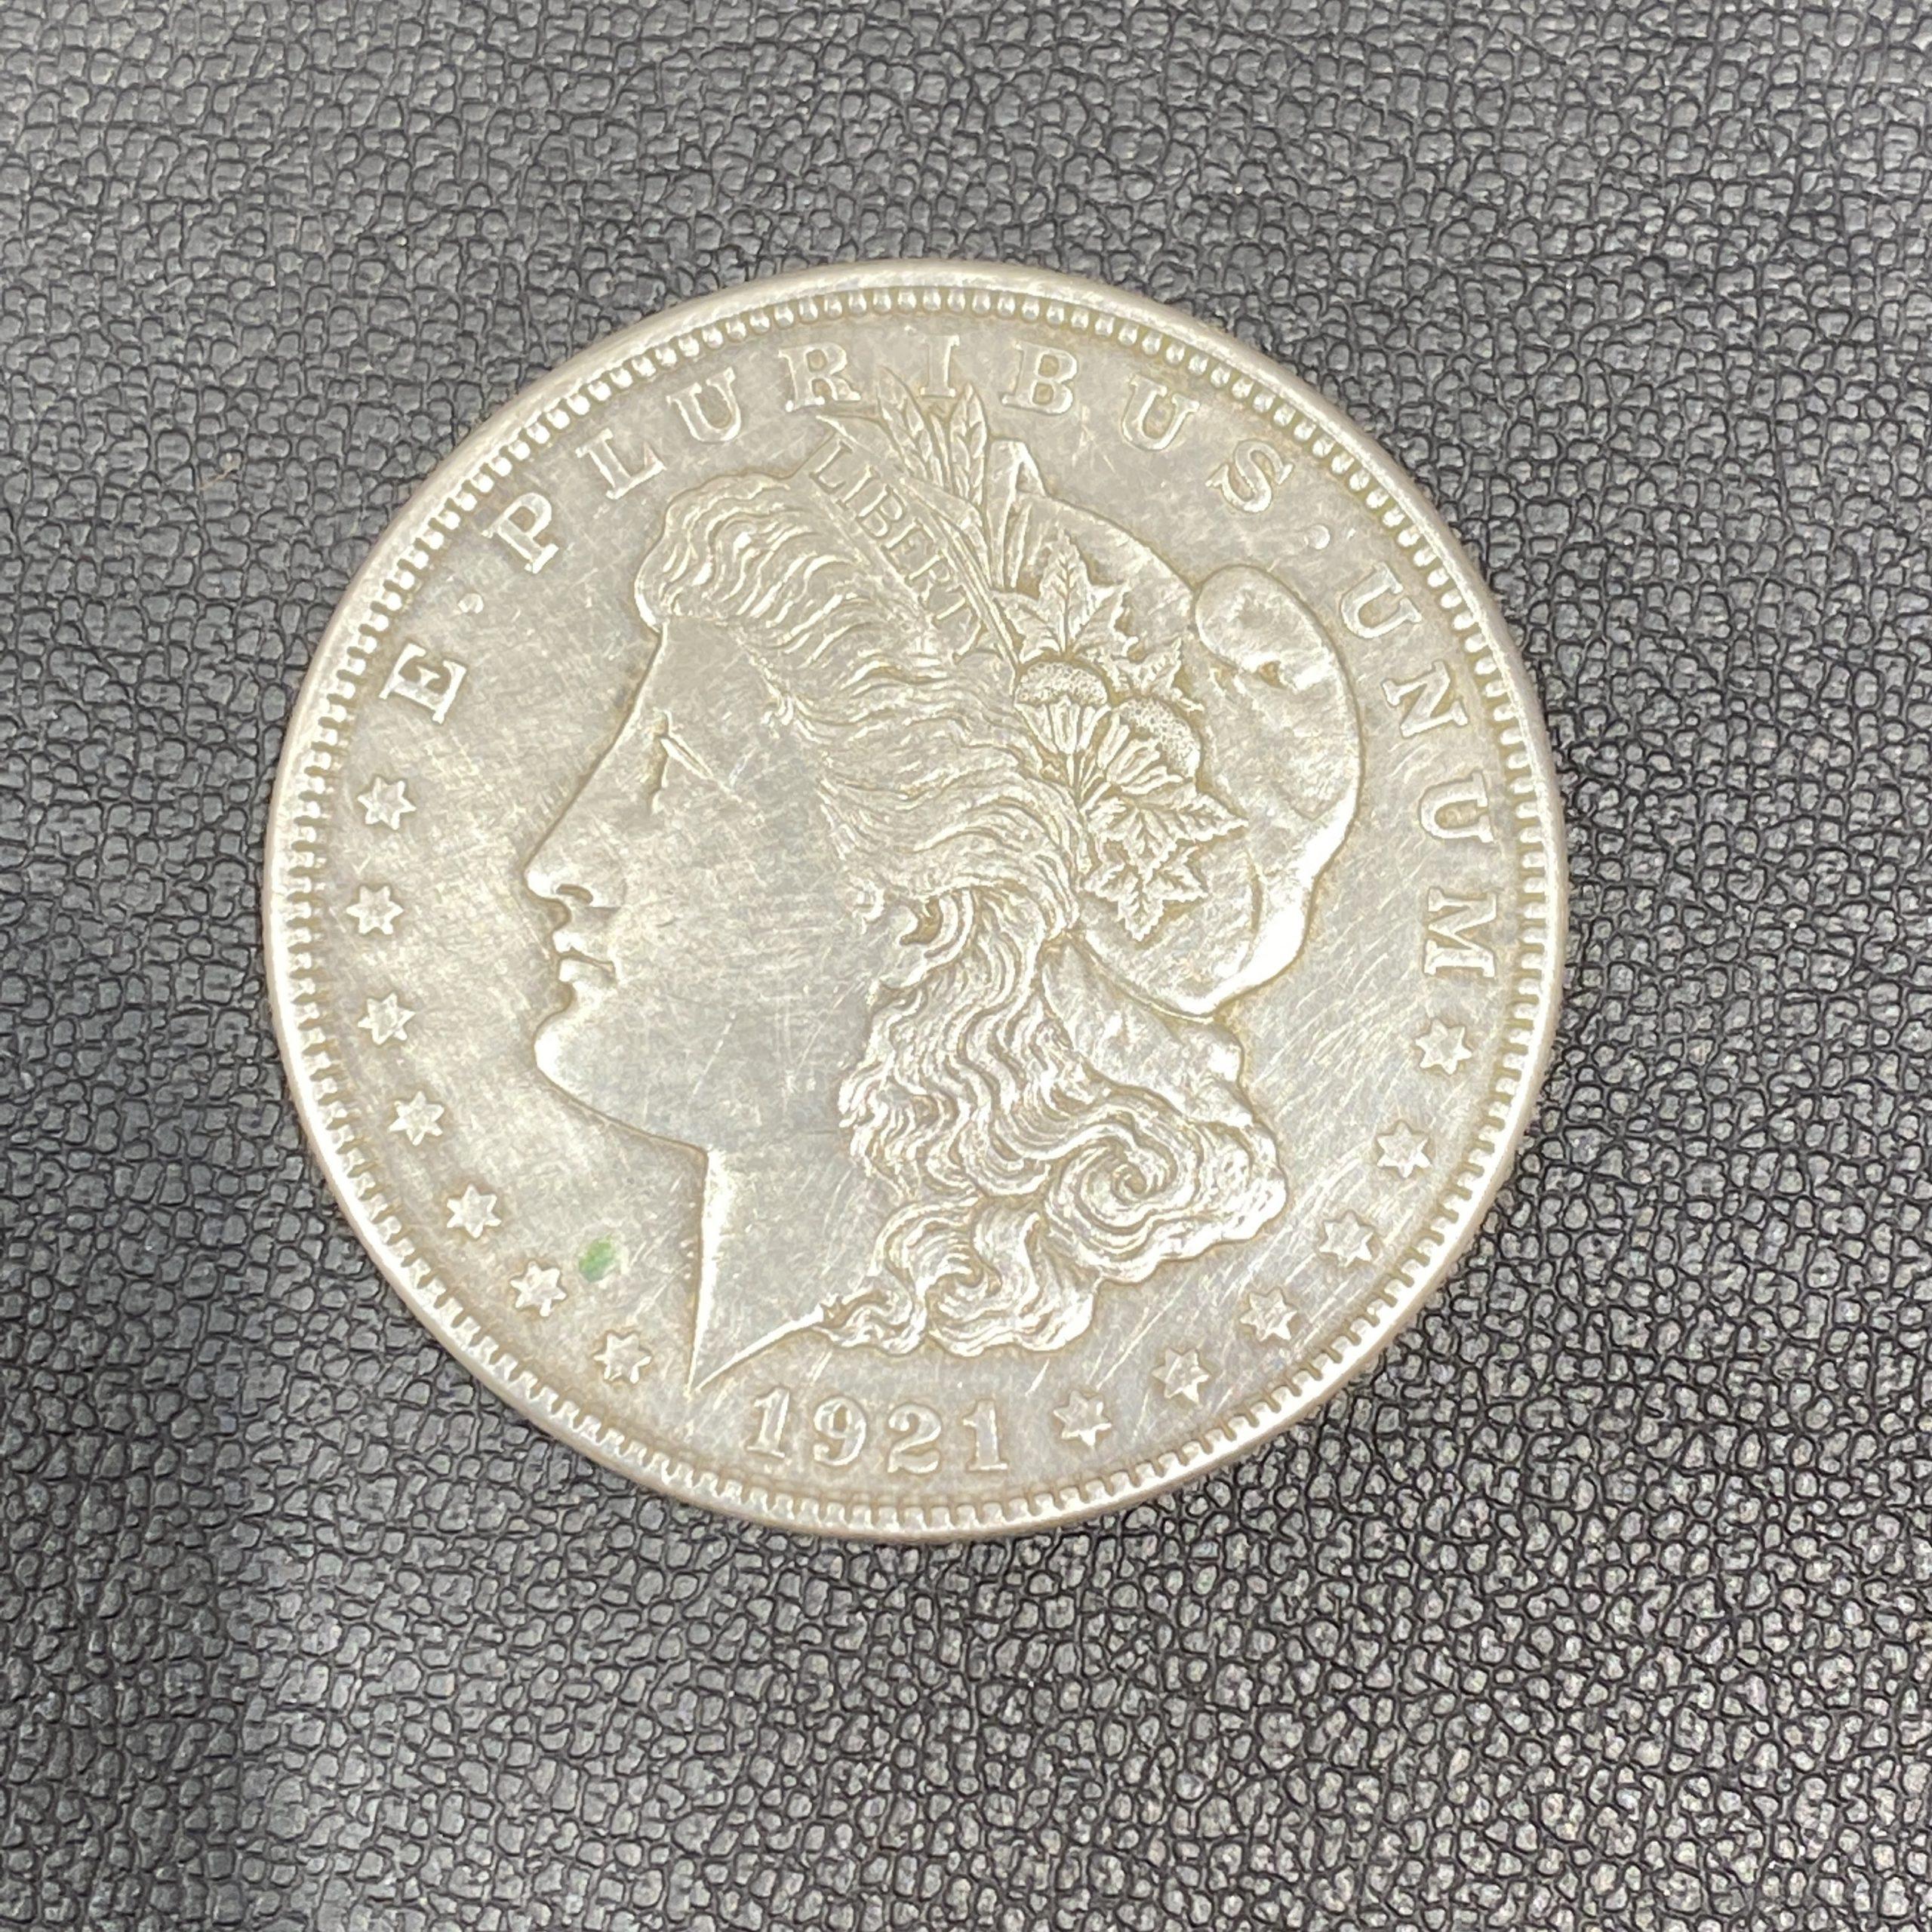 アメリカ 1ドル銀貨 モルガンダラー 1921